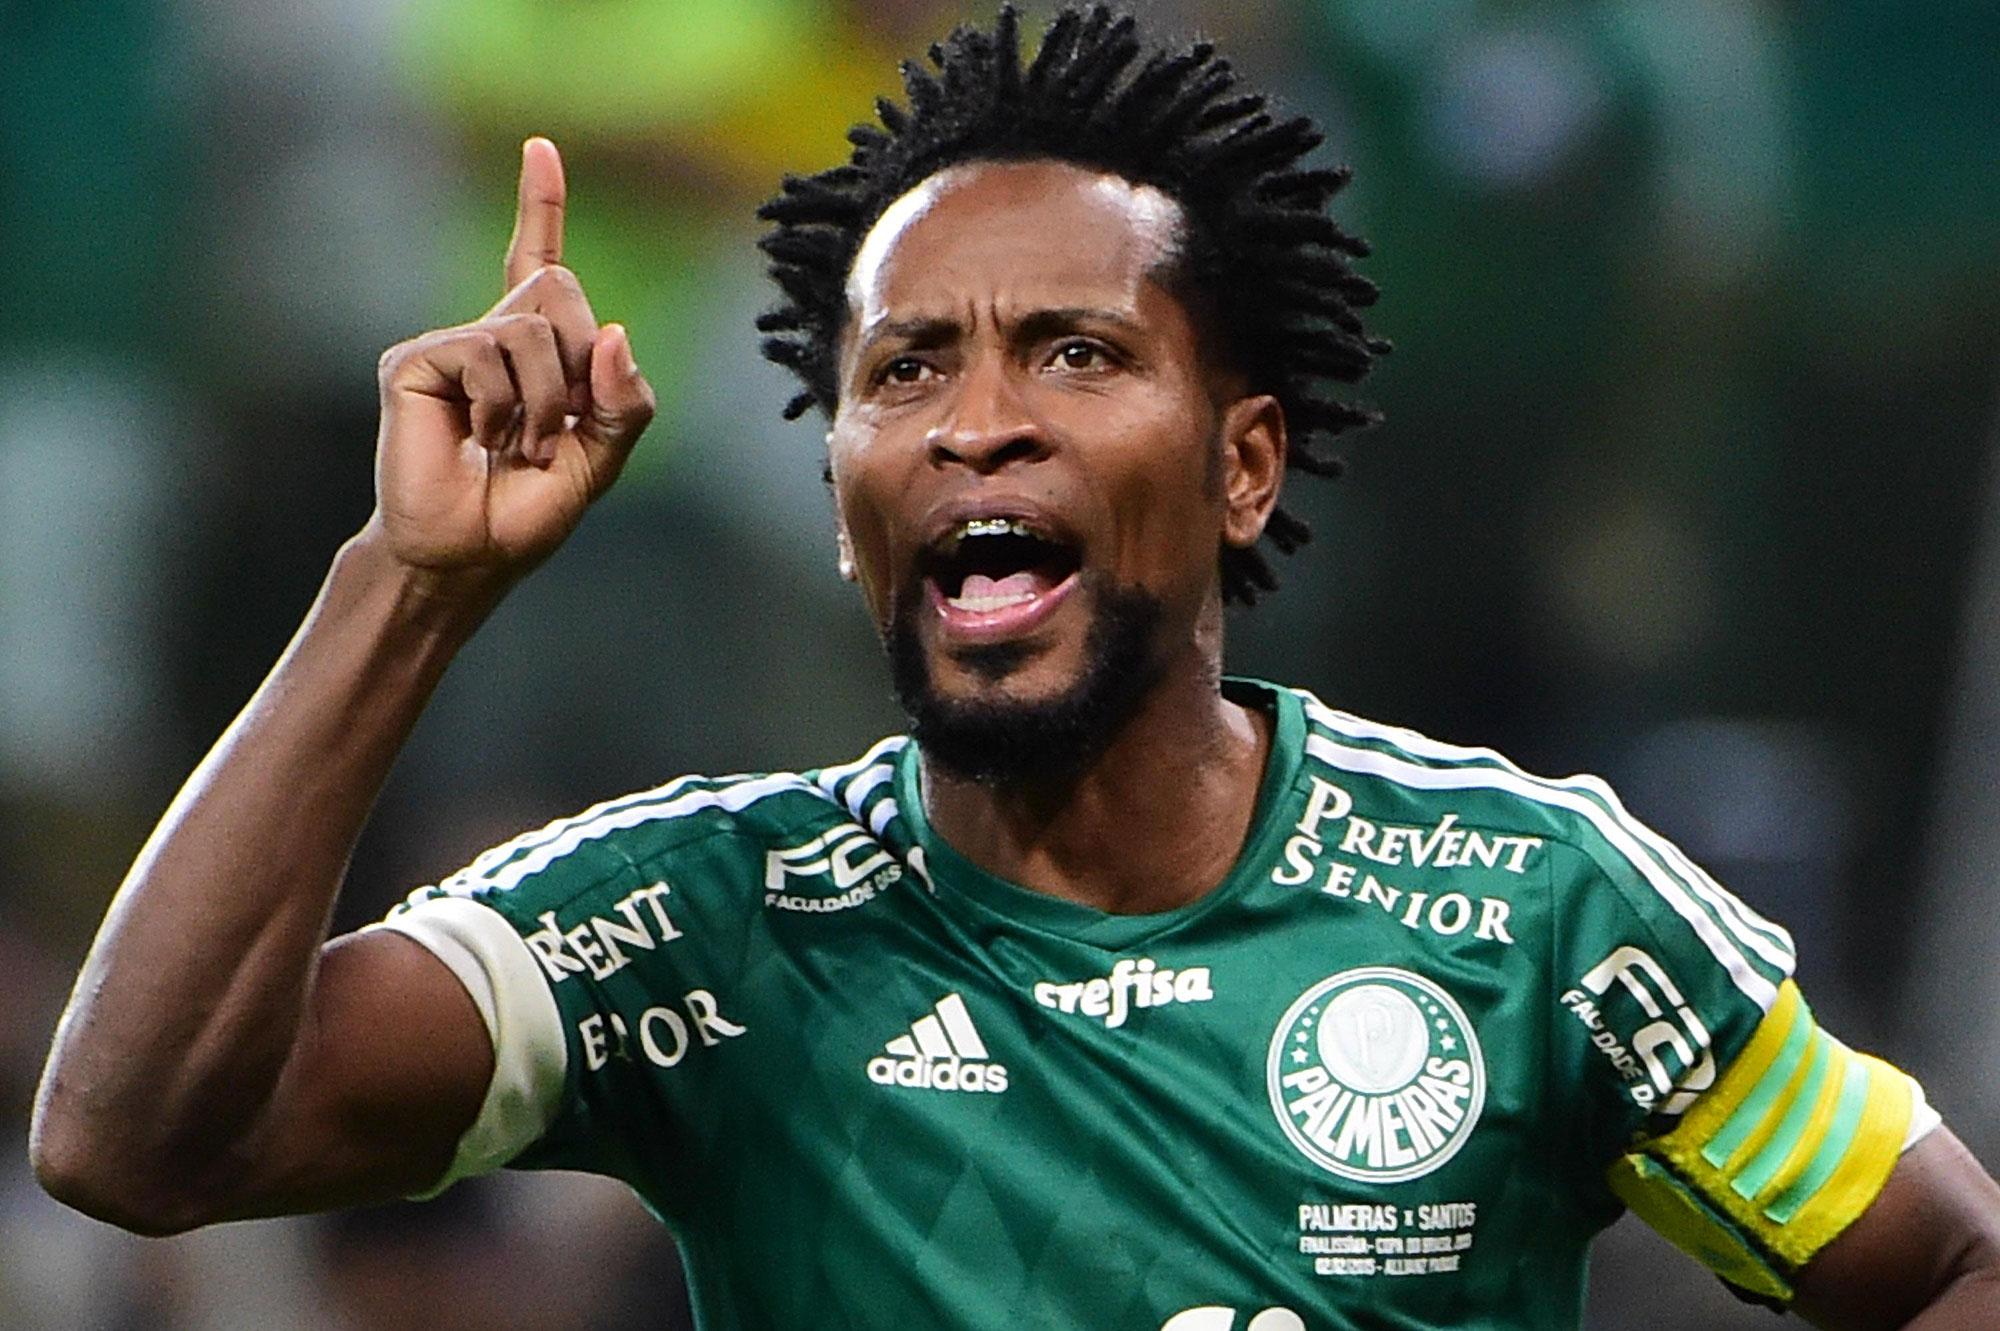 Легенда сборной Бразилии в43 года объявил озавершении карьеры